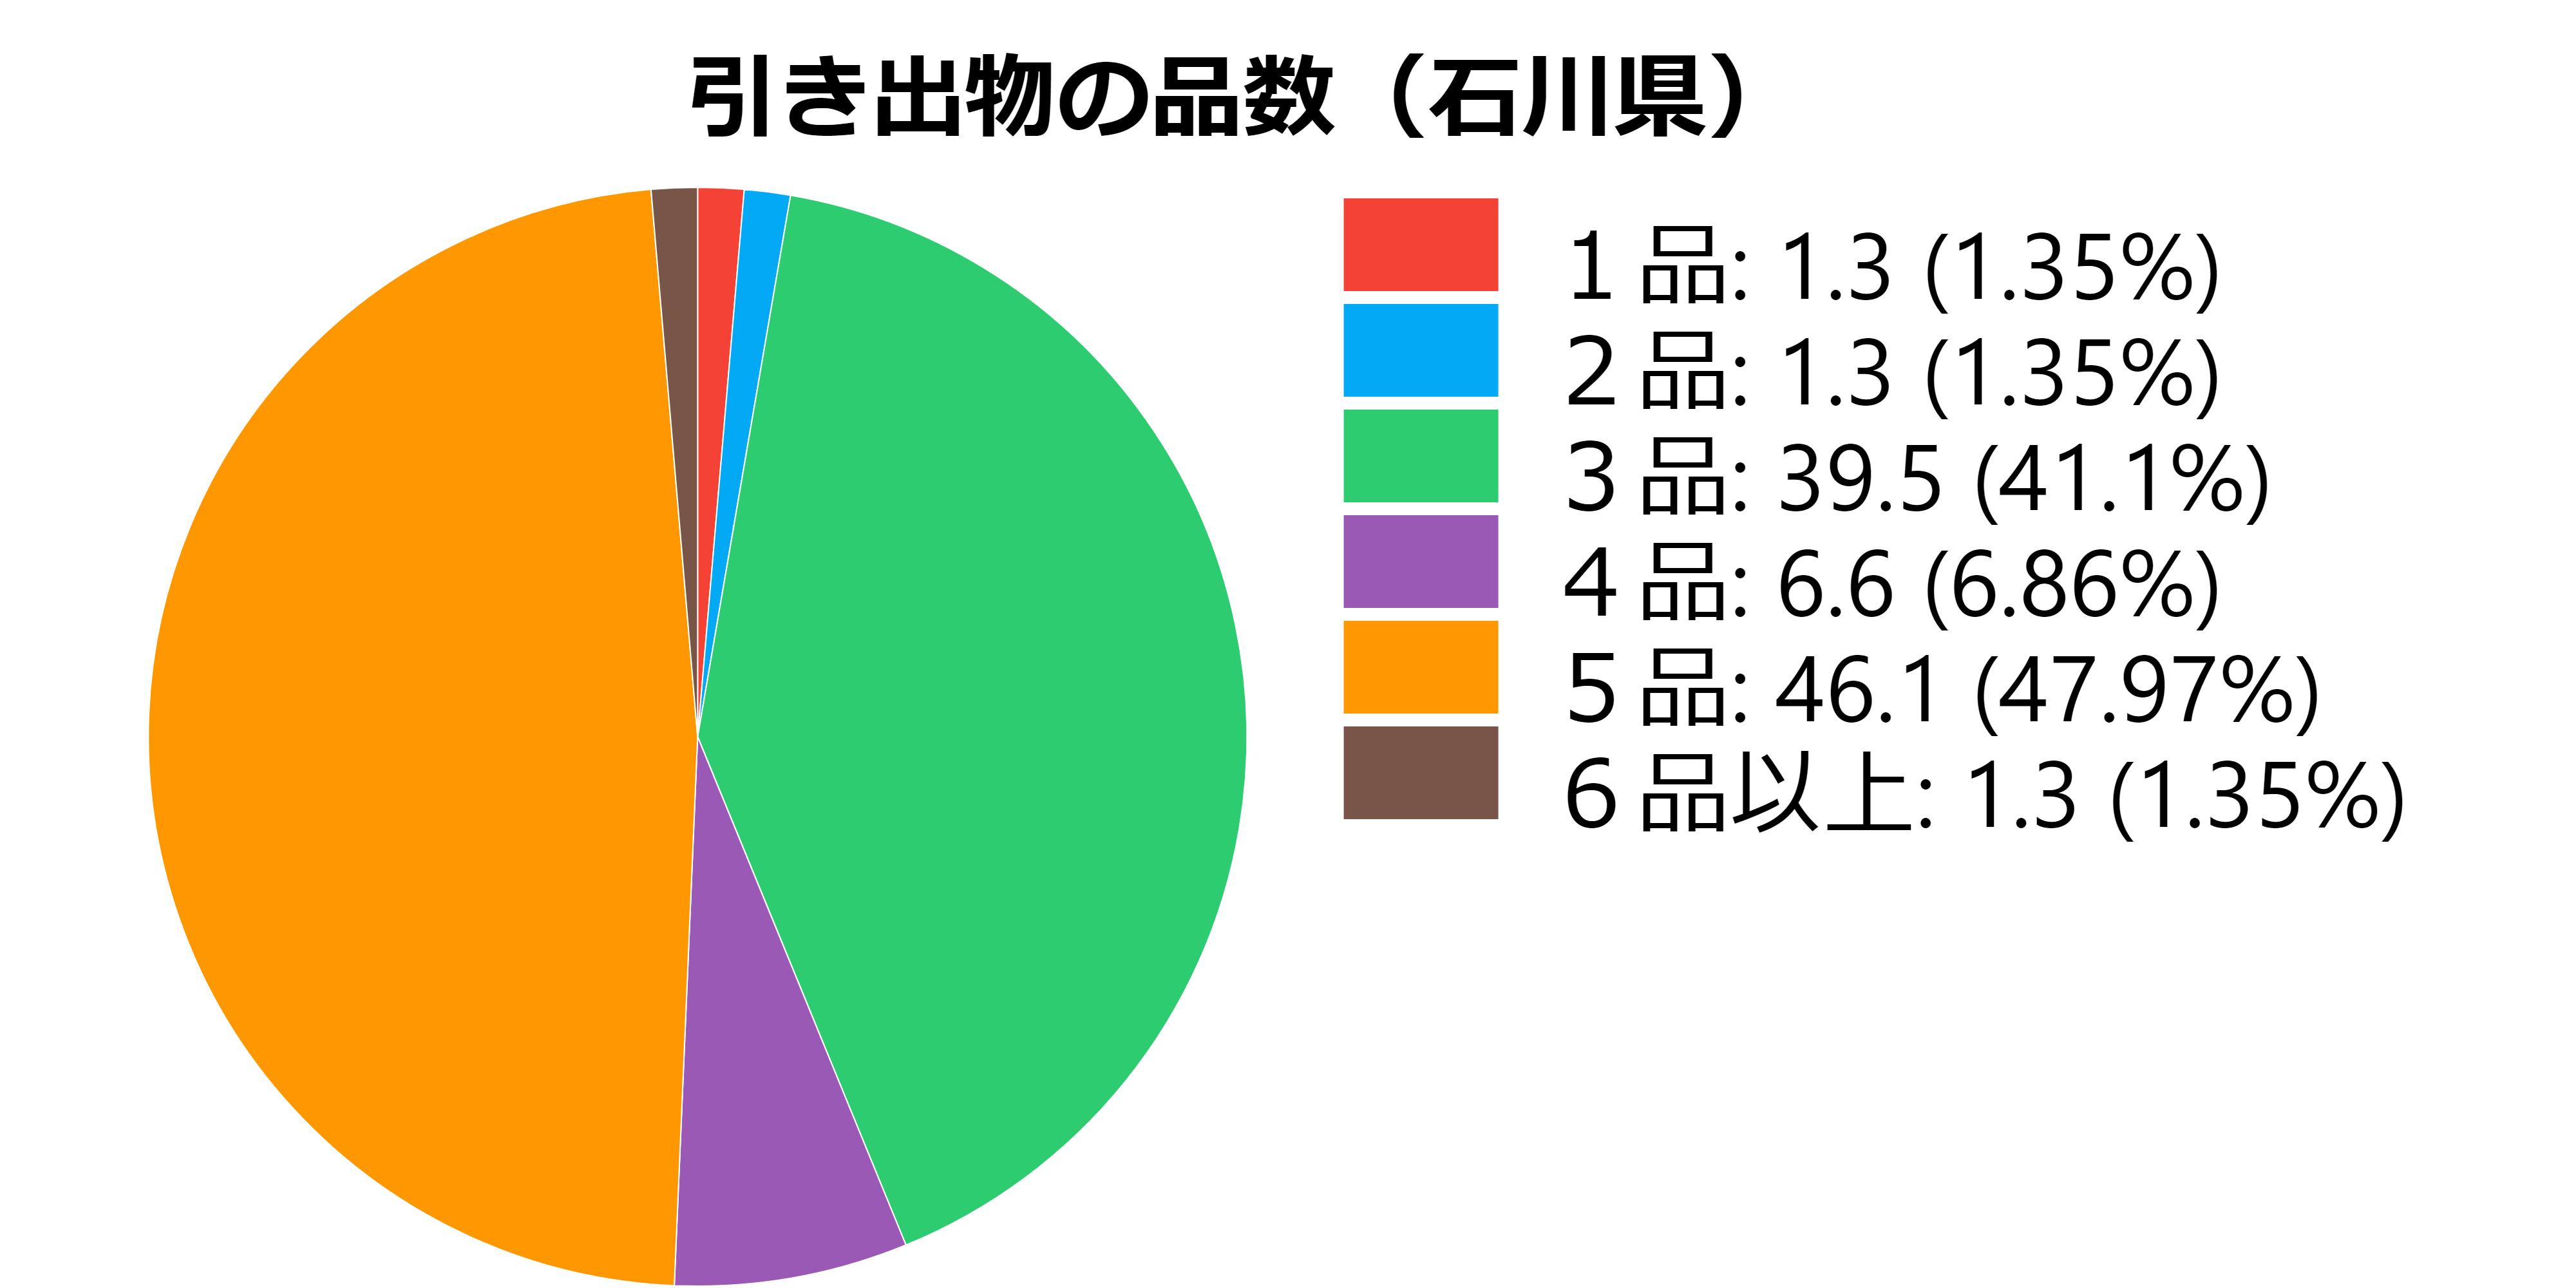 品数(石川県)